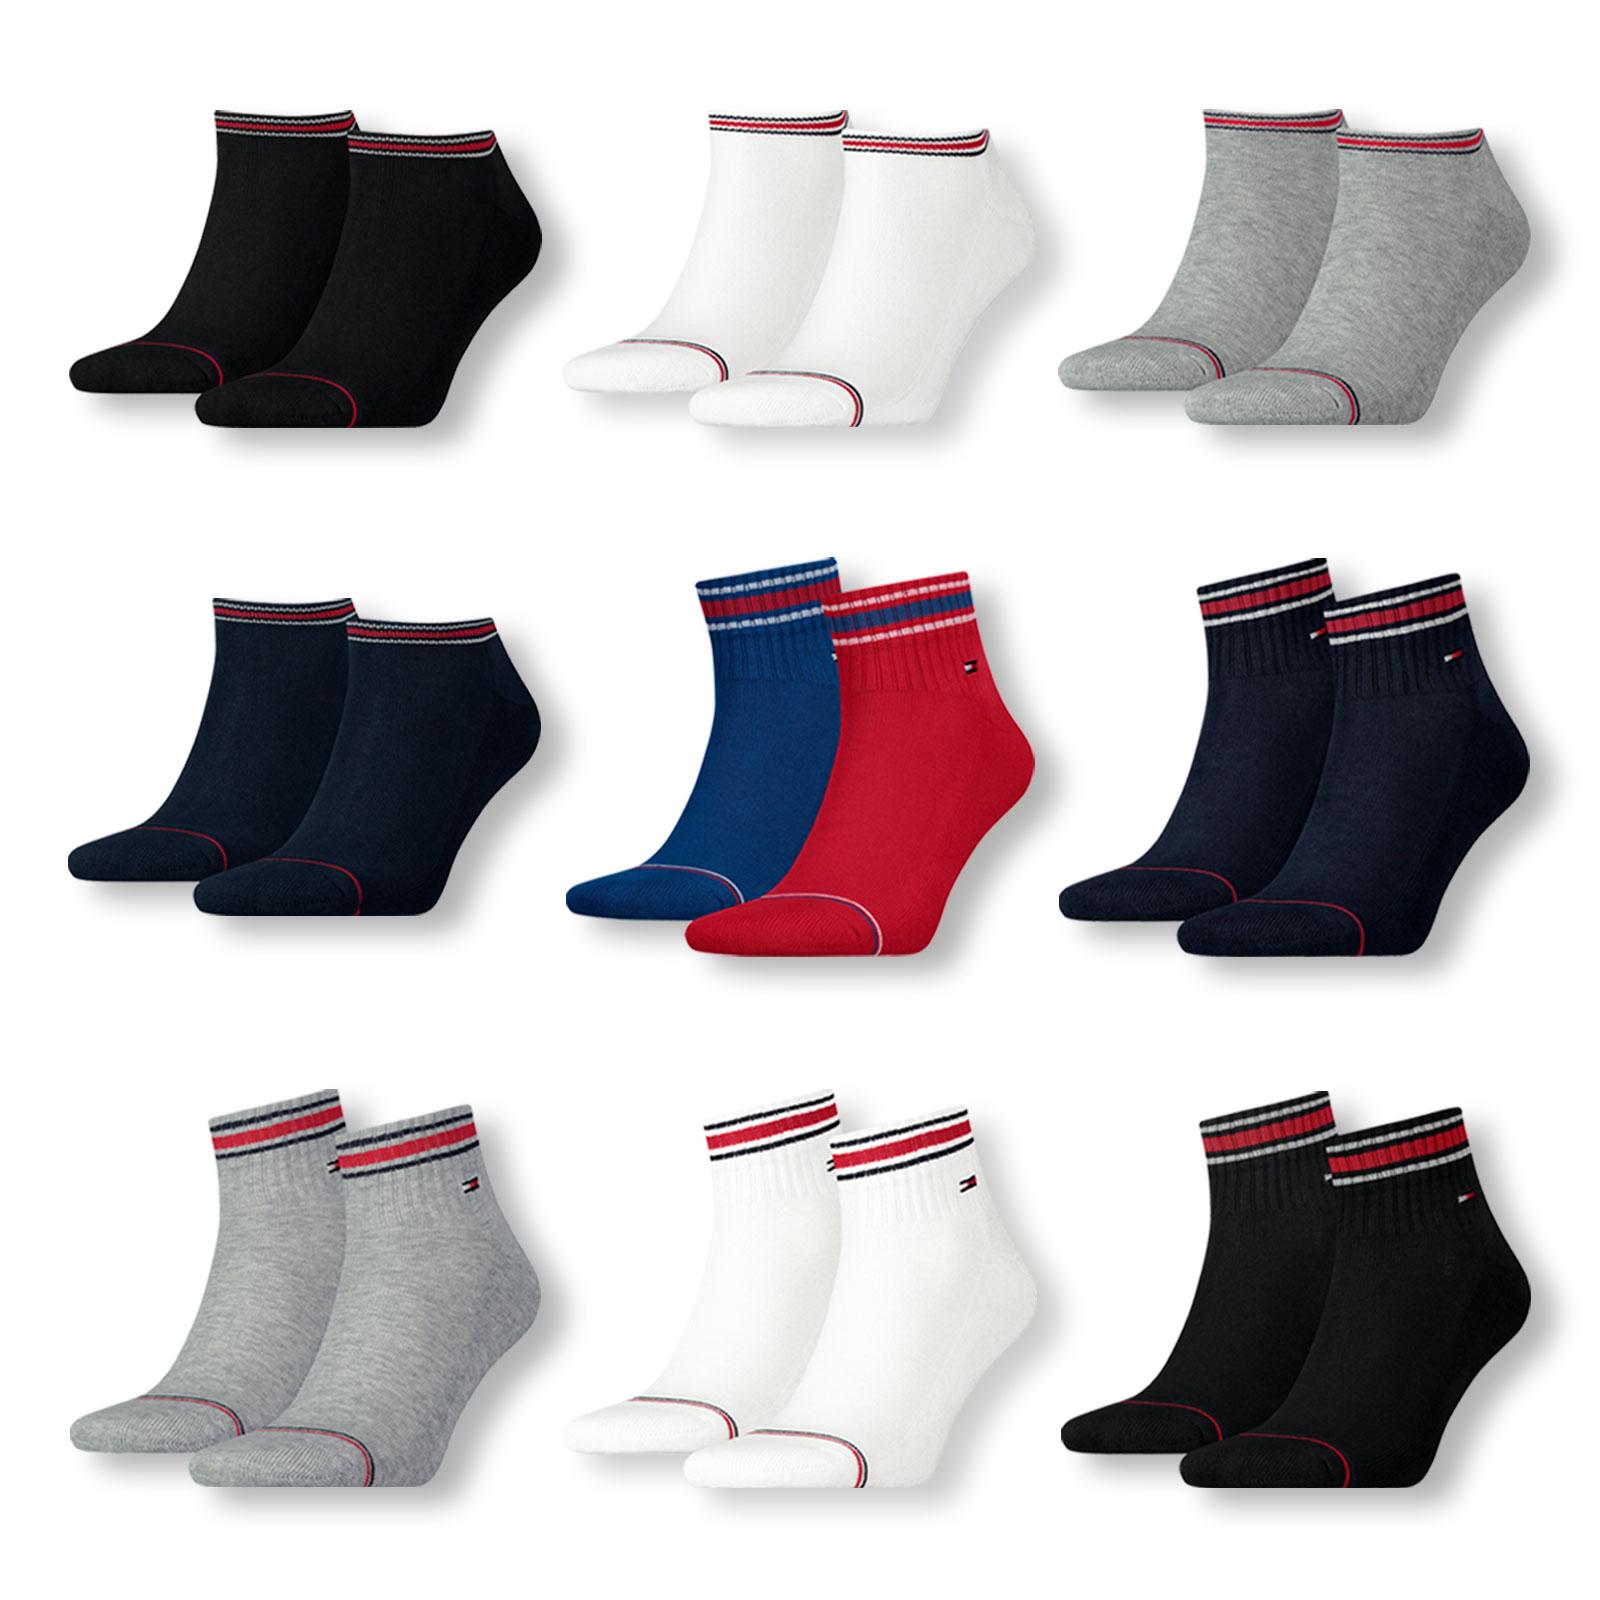 8er Pack Tommy Hilfiger Iconic Sports - Sneaker oder Quarter Socken (Größen: 39-42 und 43-46) für 27,99€ oder 16er Pack für 44,78€